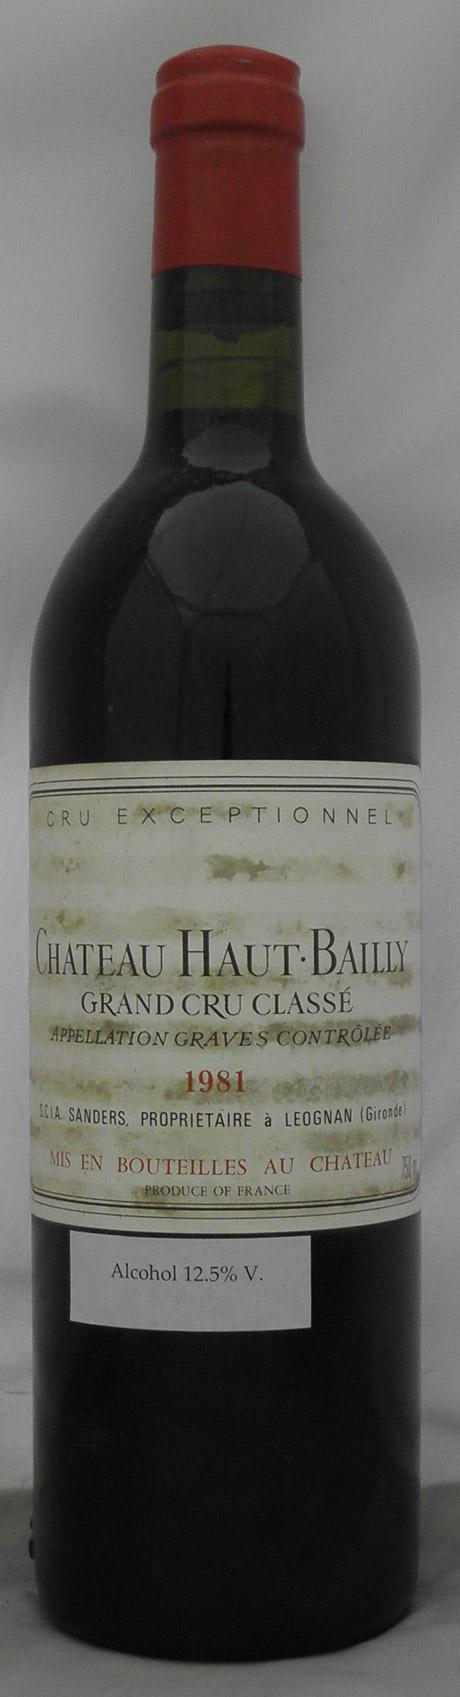 1981年 シャトー オーバイイー(フランス 赤ワイン)